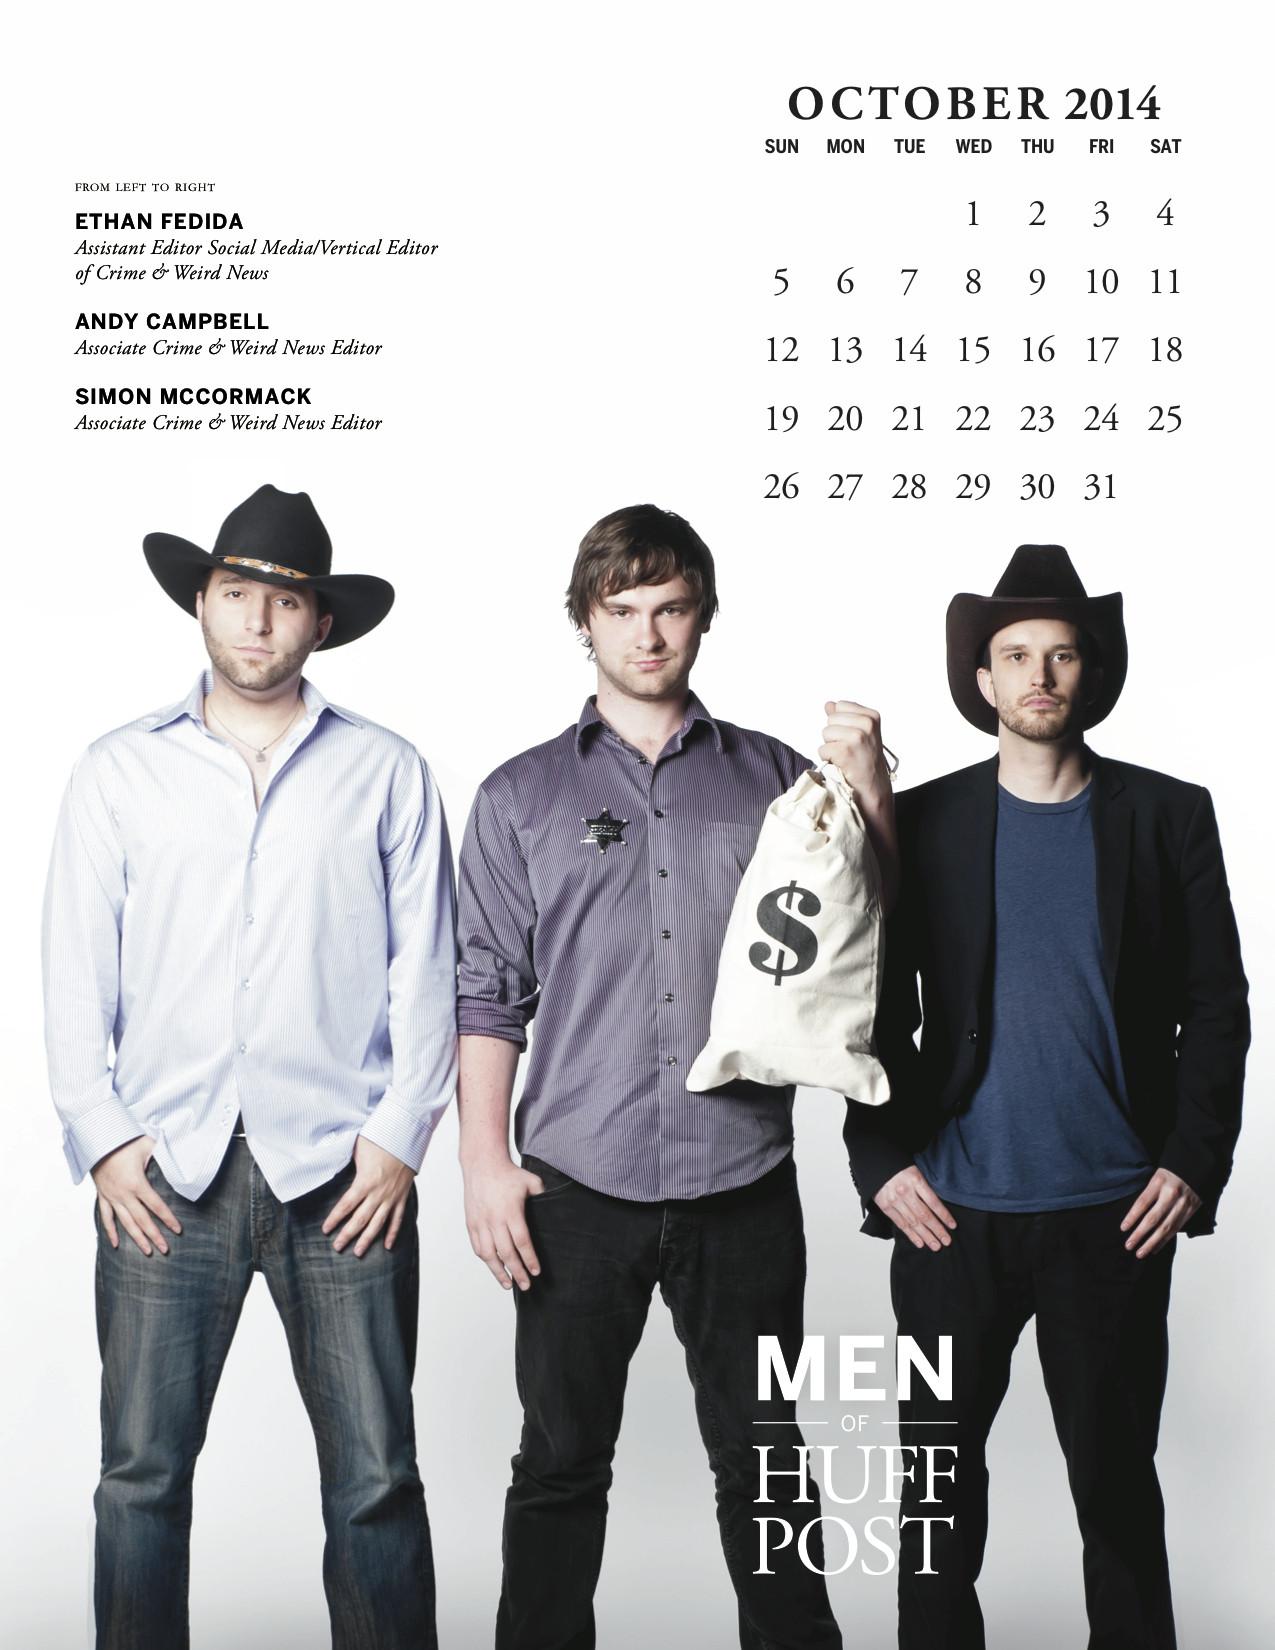 men of huffpost live